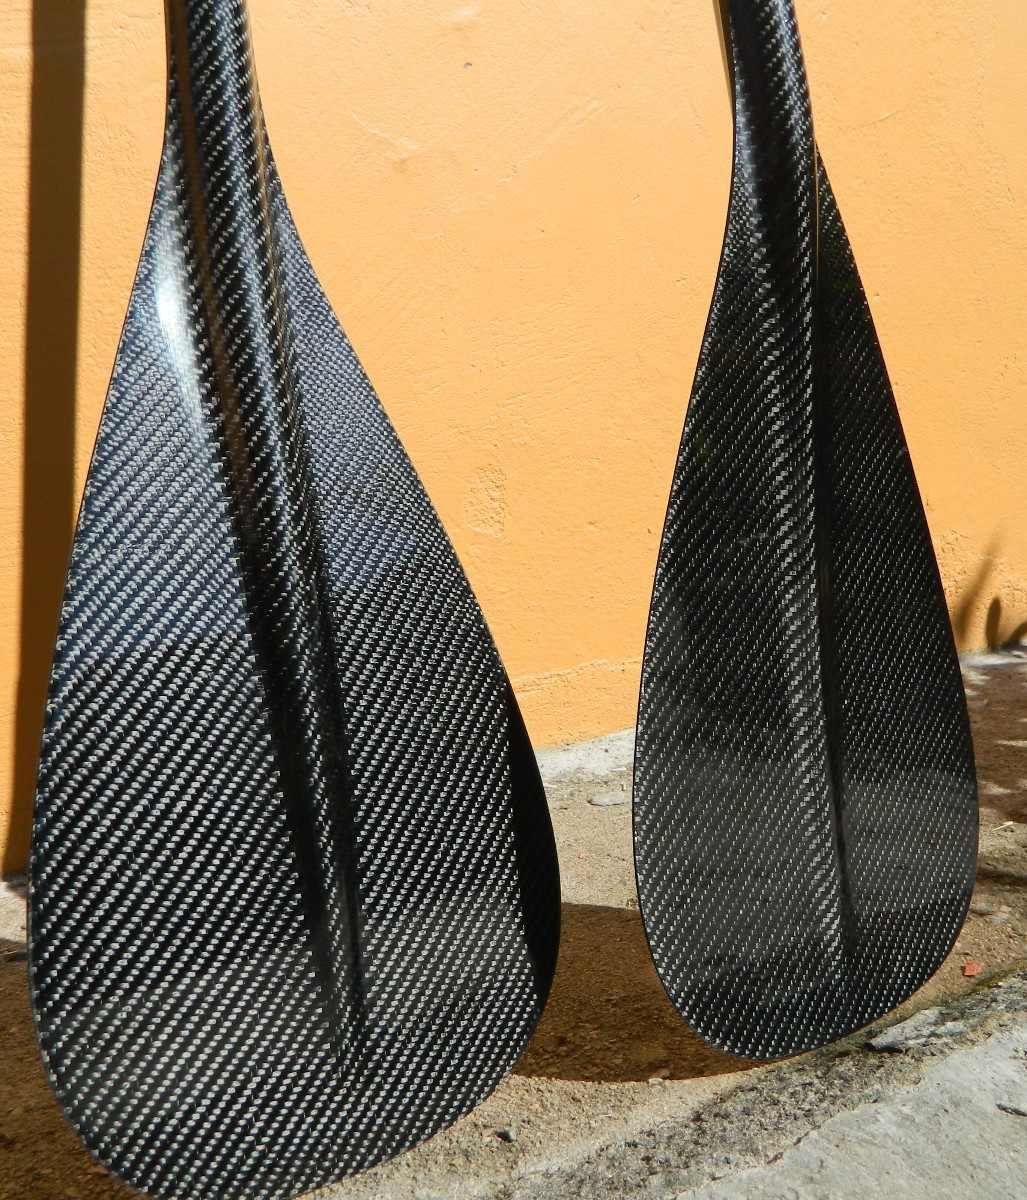 4f07458a9 remo stand up fibra de carbono 100% remo sup - frete grátis. Carregando  zoom... remo stand remo. Carregando zoom.